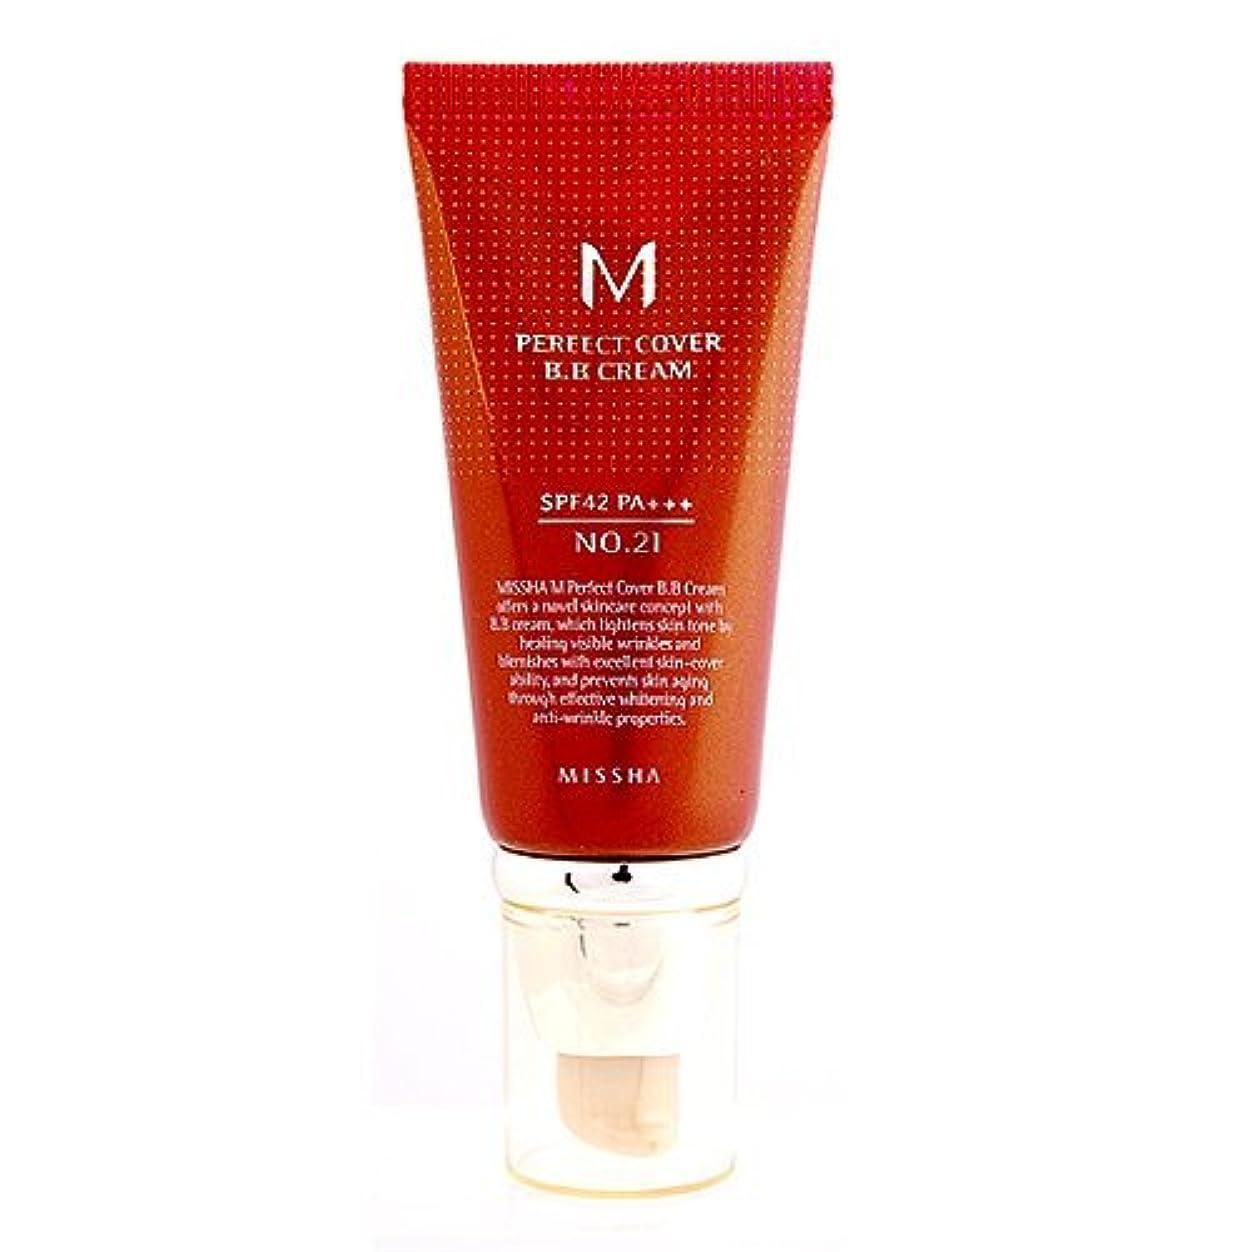 のヒープ十年残酷Missha M Perfect Cover B.B. Cream SPF 42 PA+++ 21 Light Beige, 1.69oz, 50ml